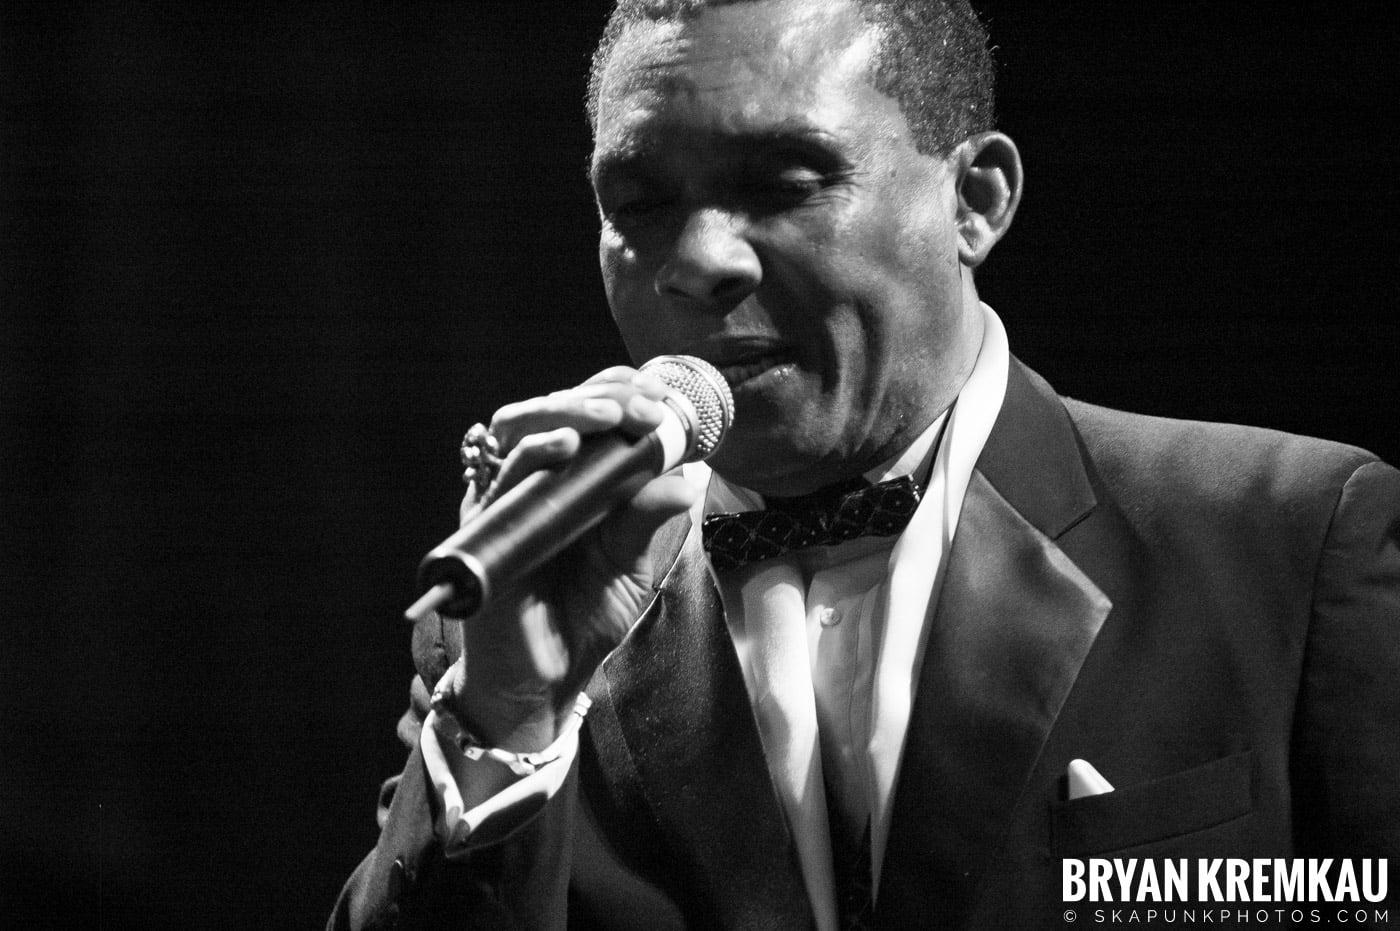 Ken Boothe @ Vintage Reggae Fest - Hammerstein Ballroom, NYC - 12.16.07 (13)